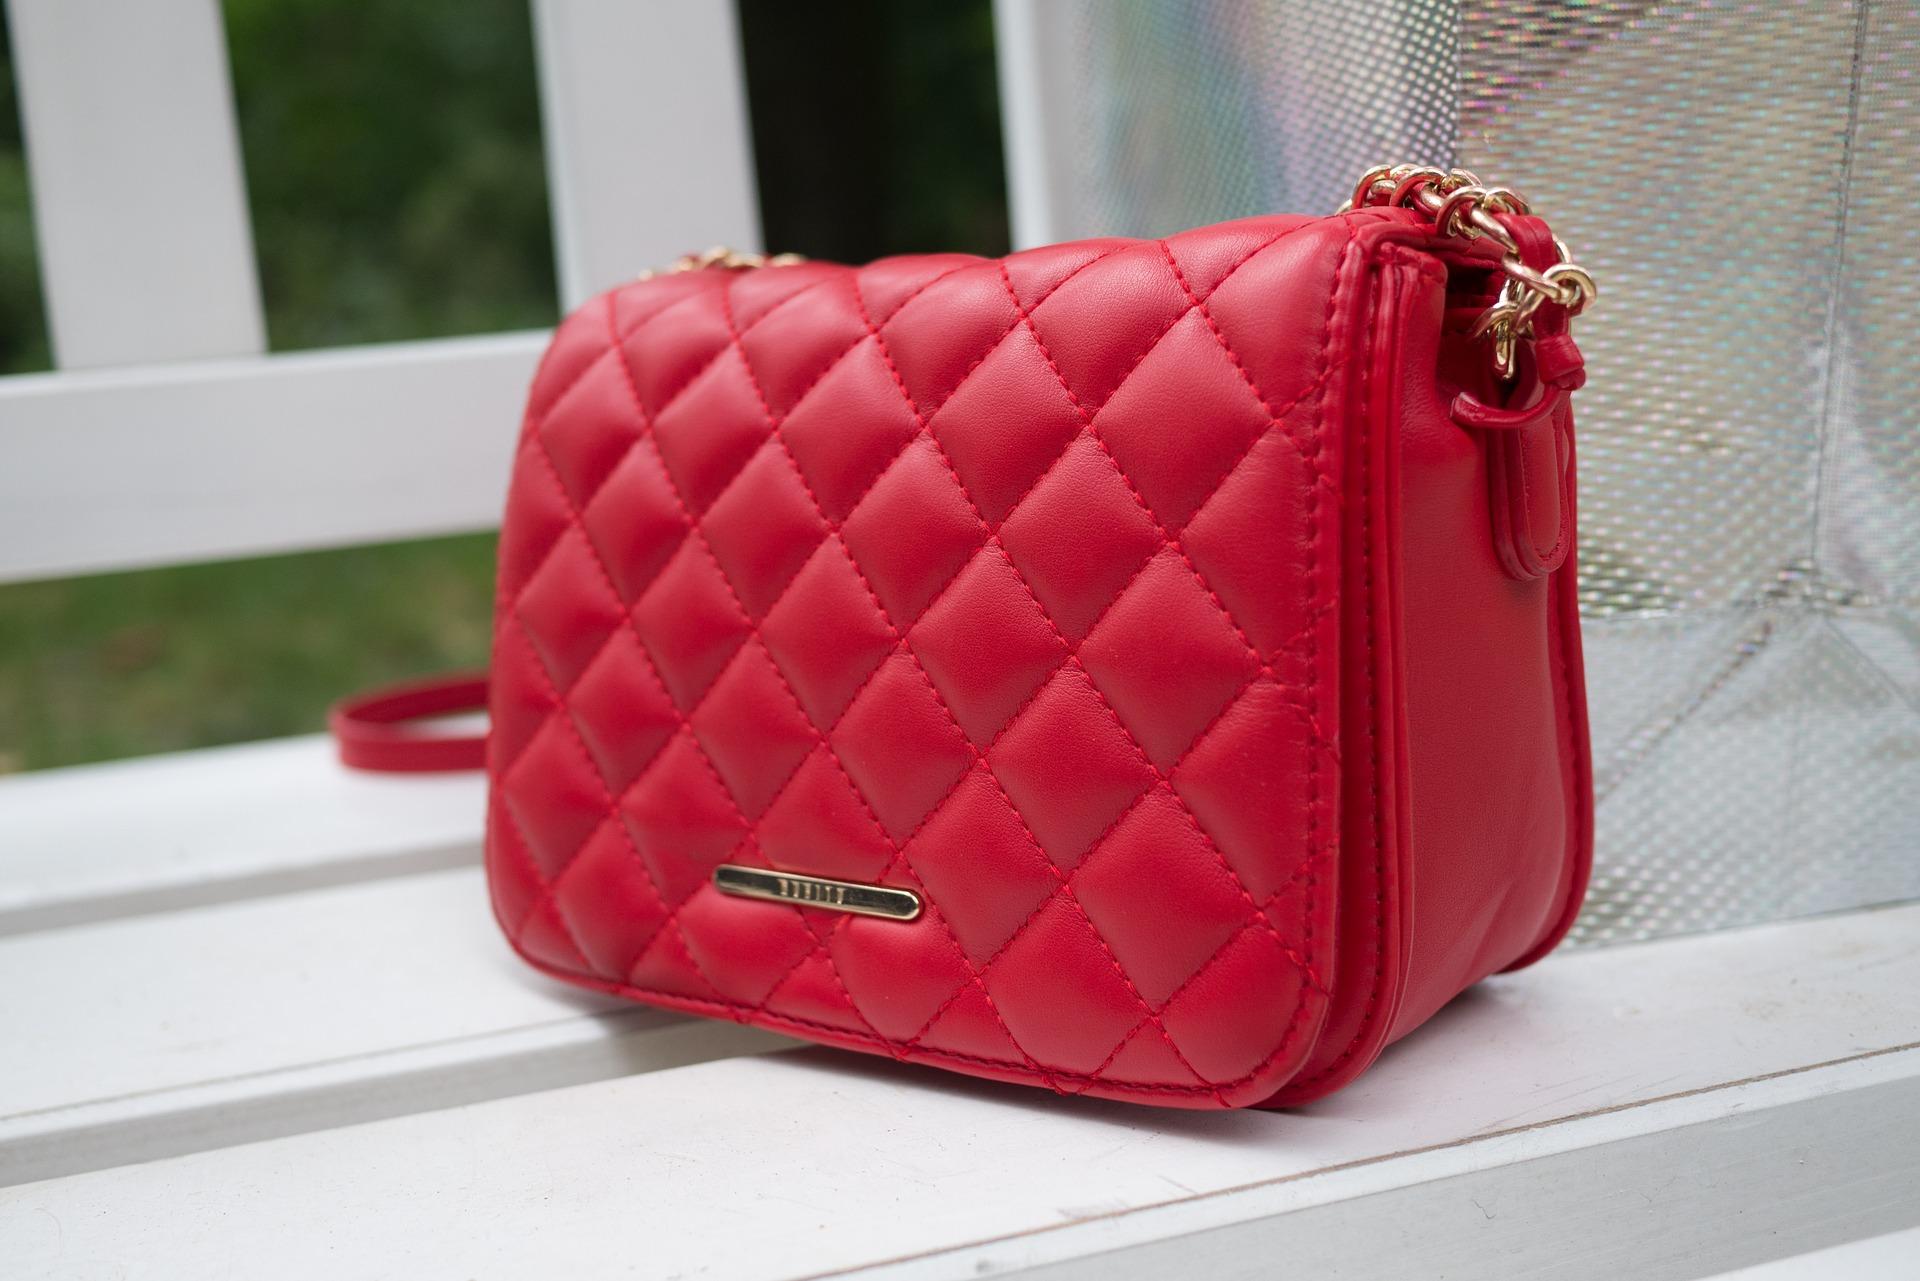 buy the best handbags online